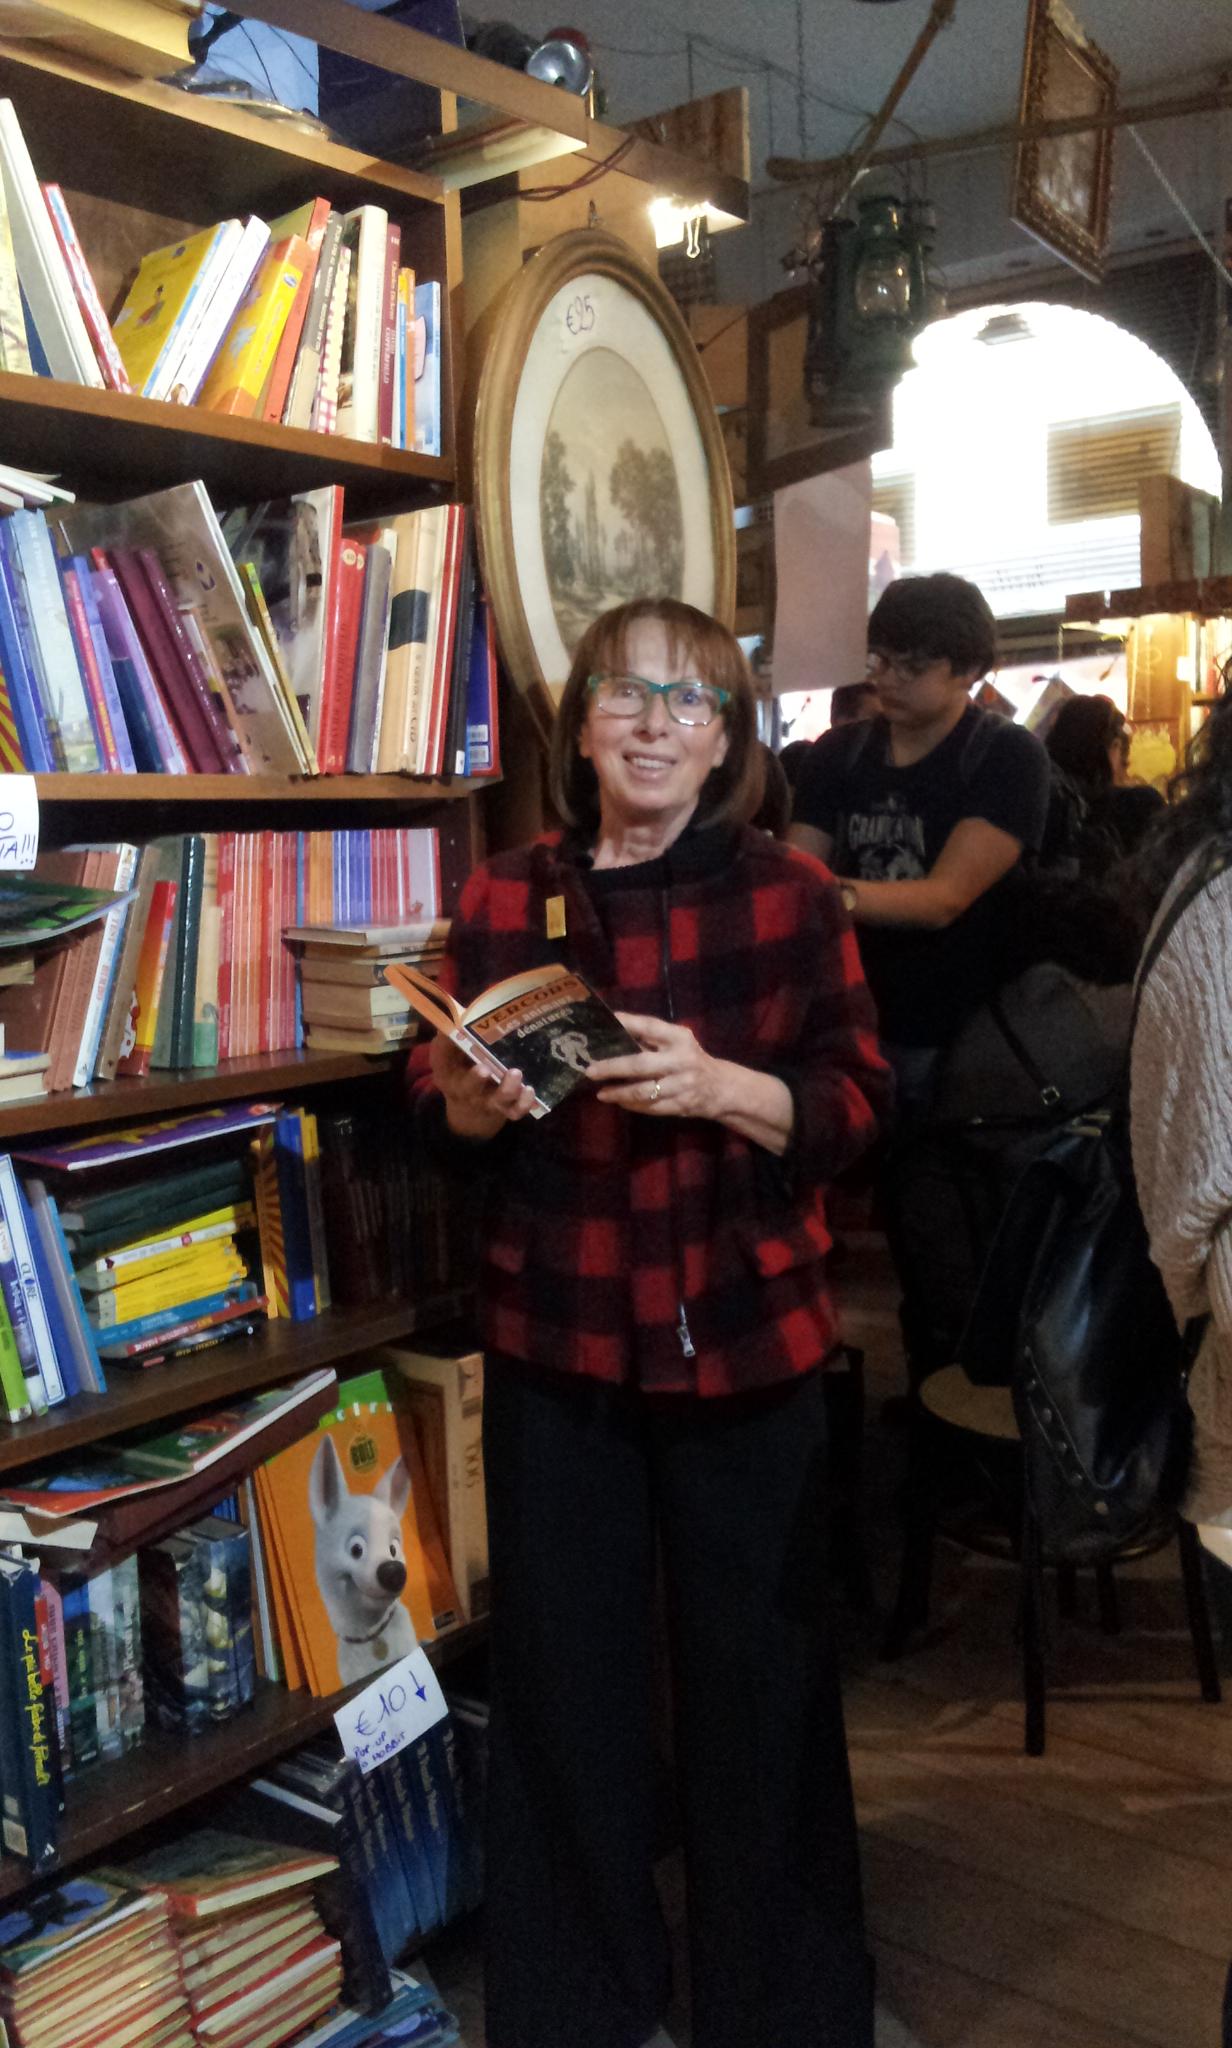 Libreria Invito alla Lettura, lux lucet (non più) in tenebris